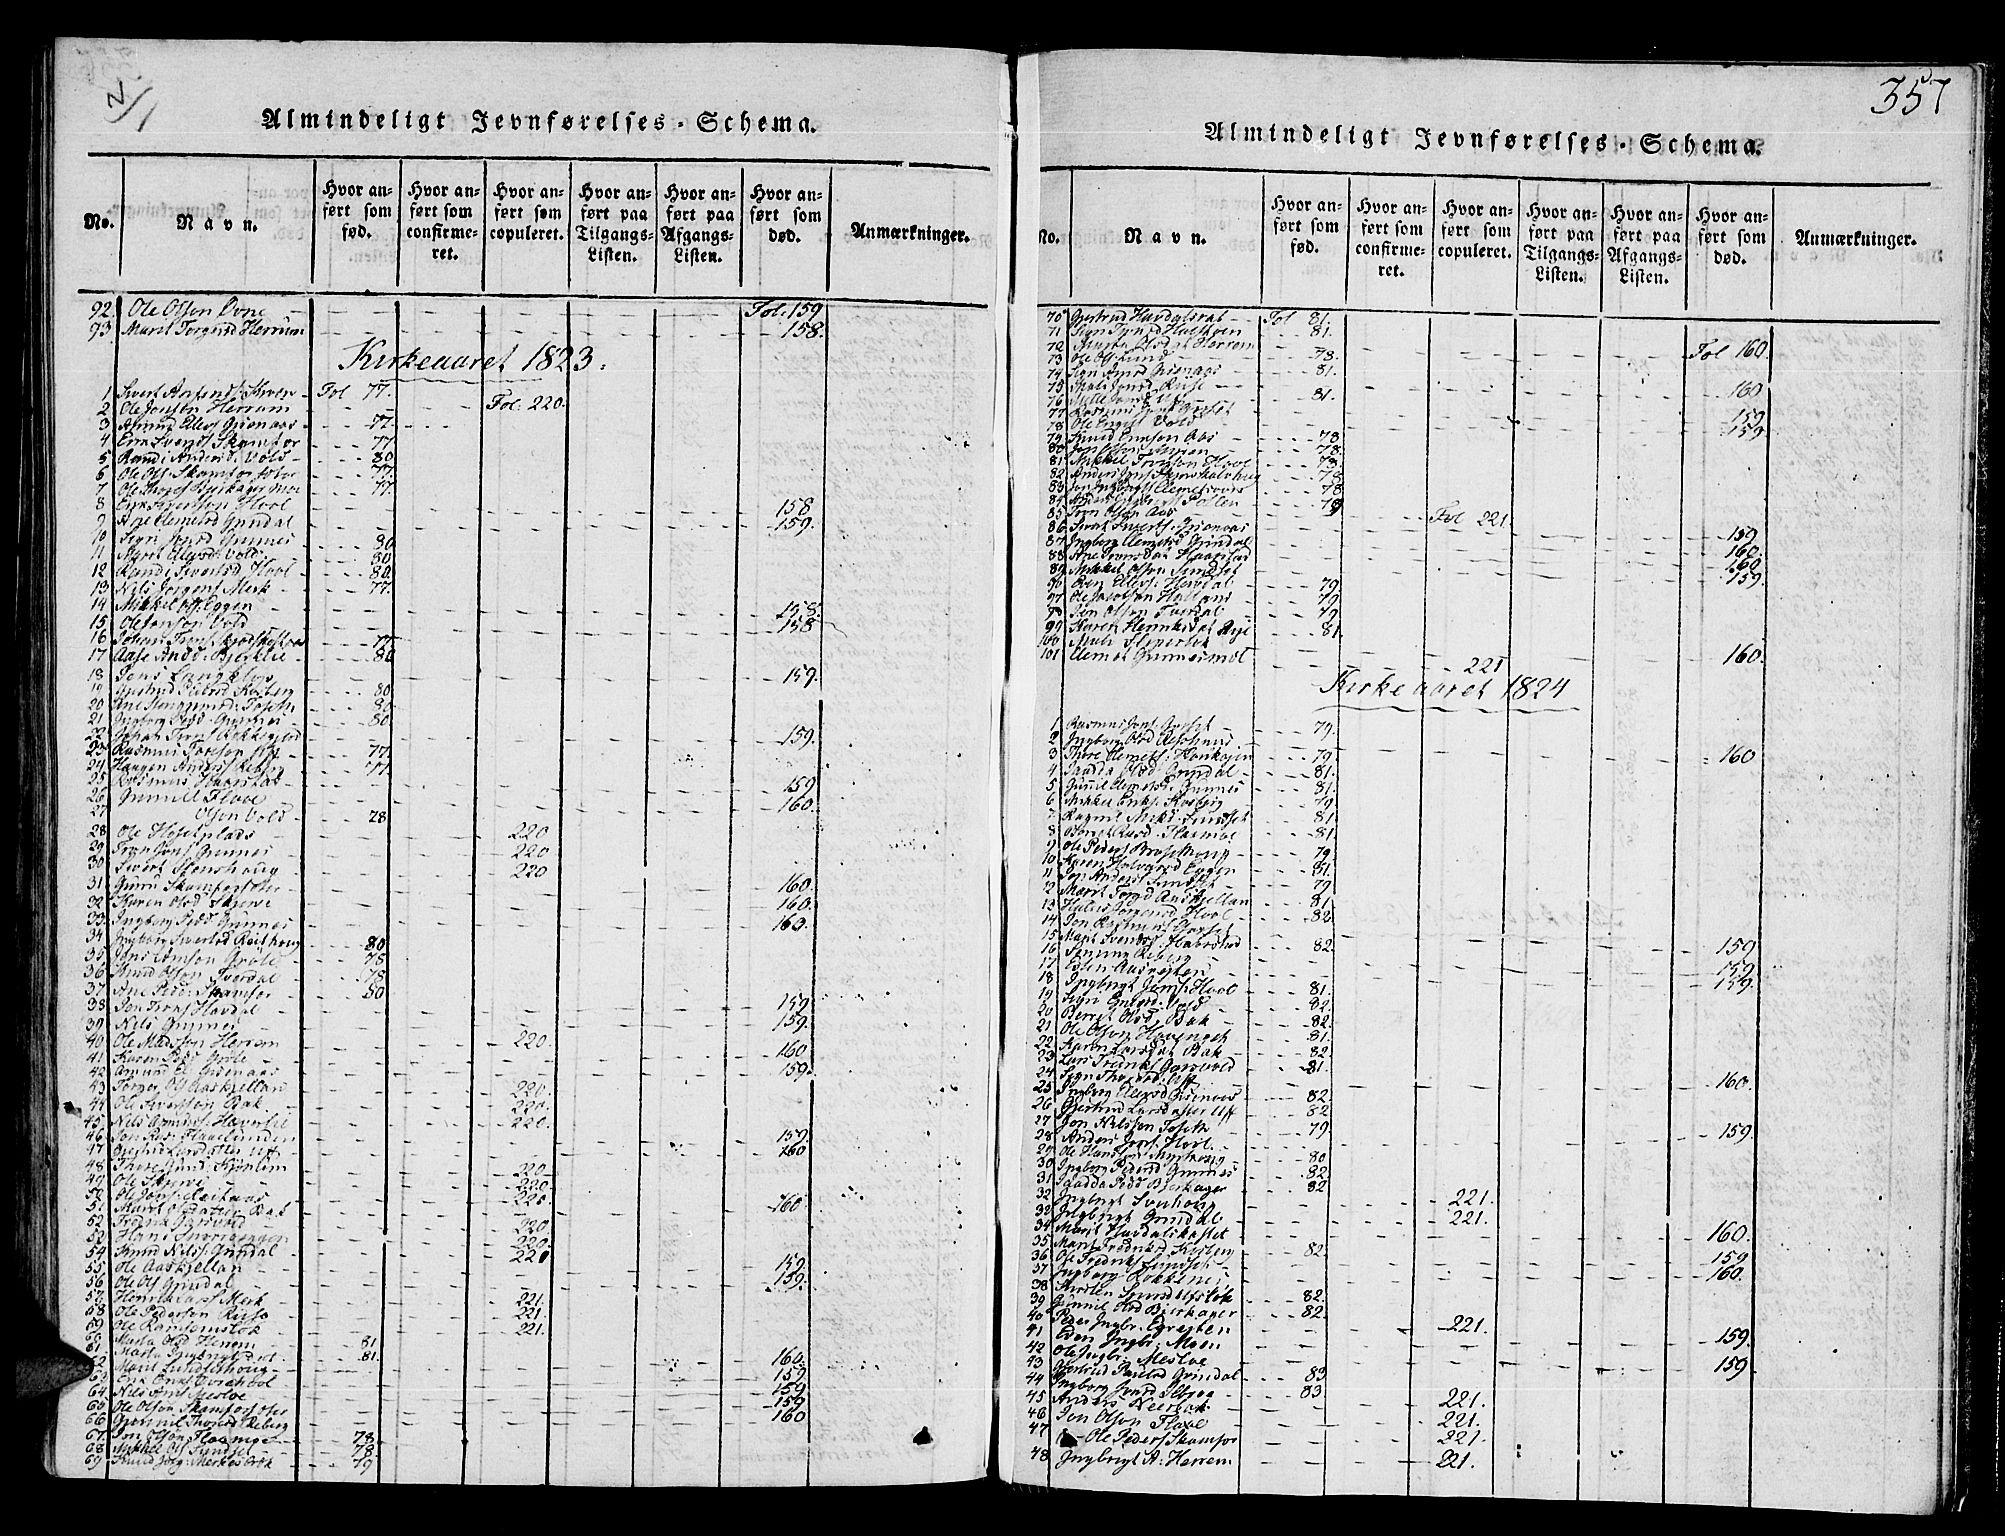 SAT, Ministerialprotokoller, klokkerbøker og fødselsregistre - Sør-Trøndelag, 672/L0854: Ministerialbok nr. 672A06 /2, 1816-1829, s. 357